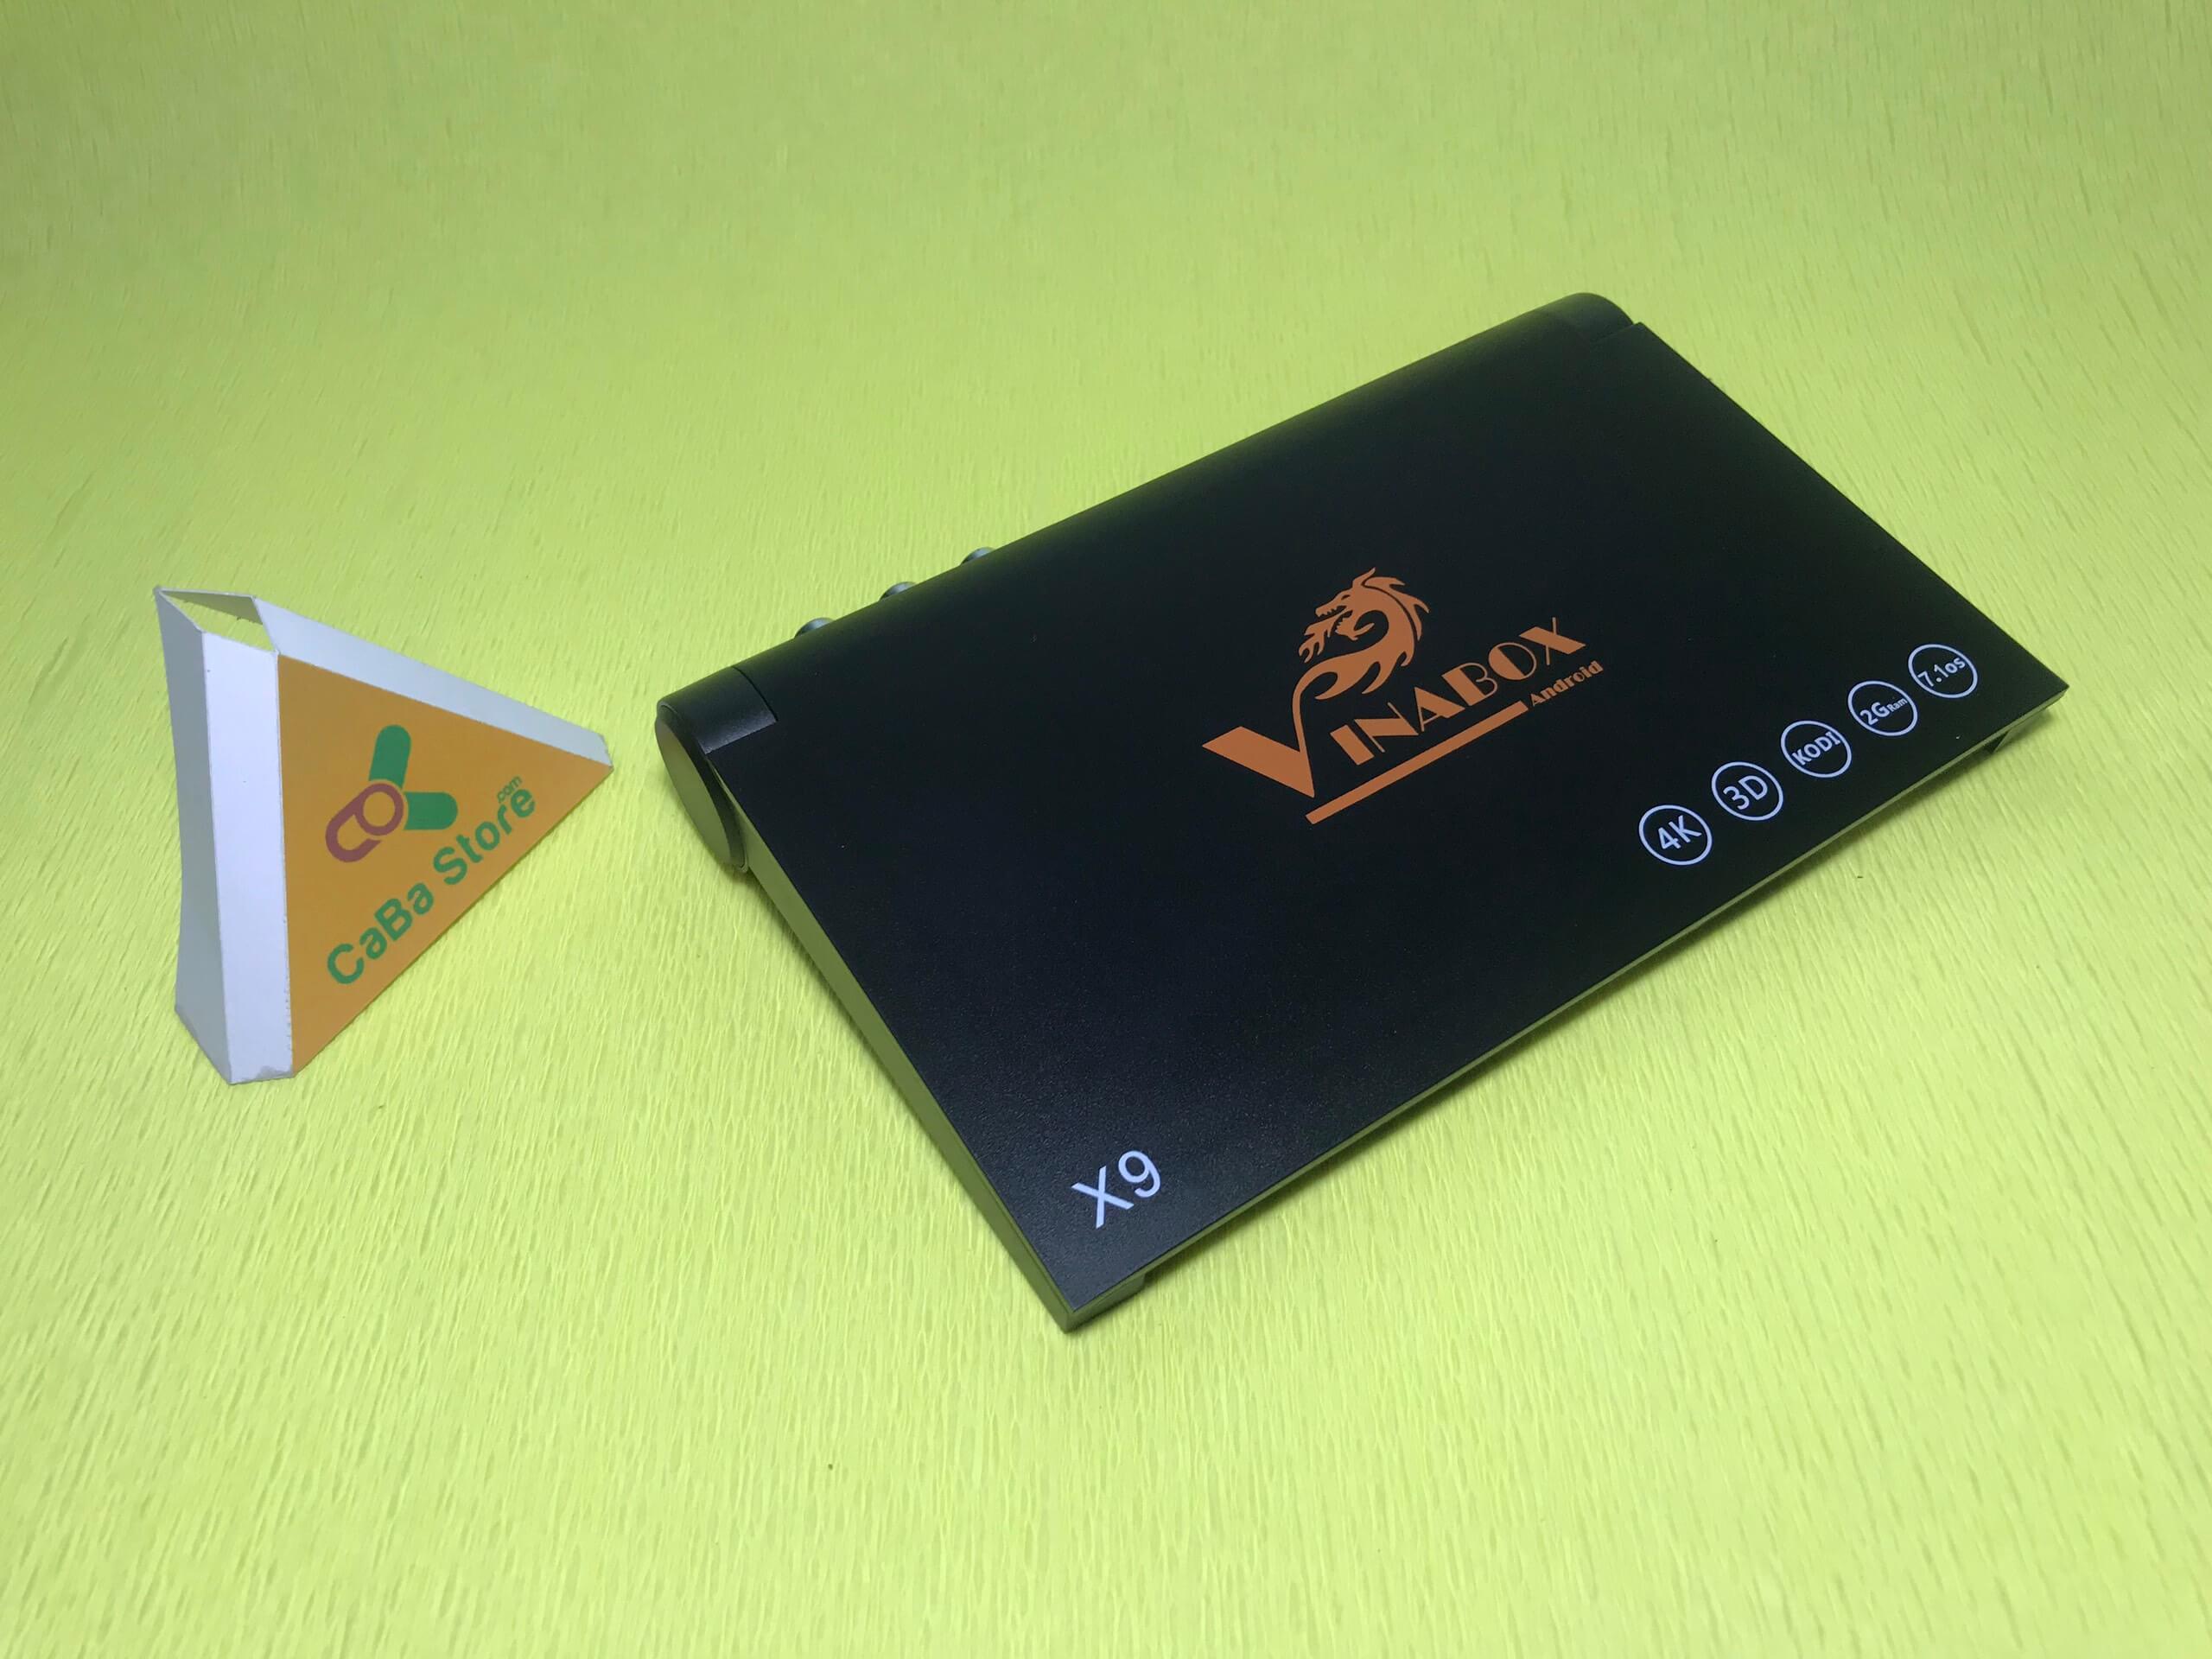 Android TV Box Vinabox X9 | Tìm kiếm qua giọng nói - RAM 2GB